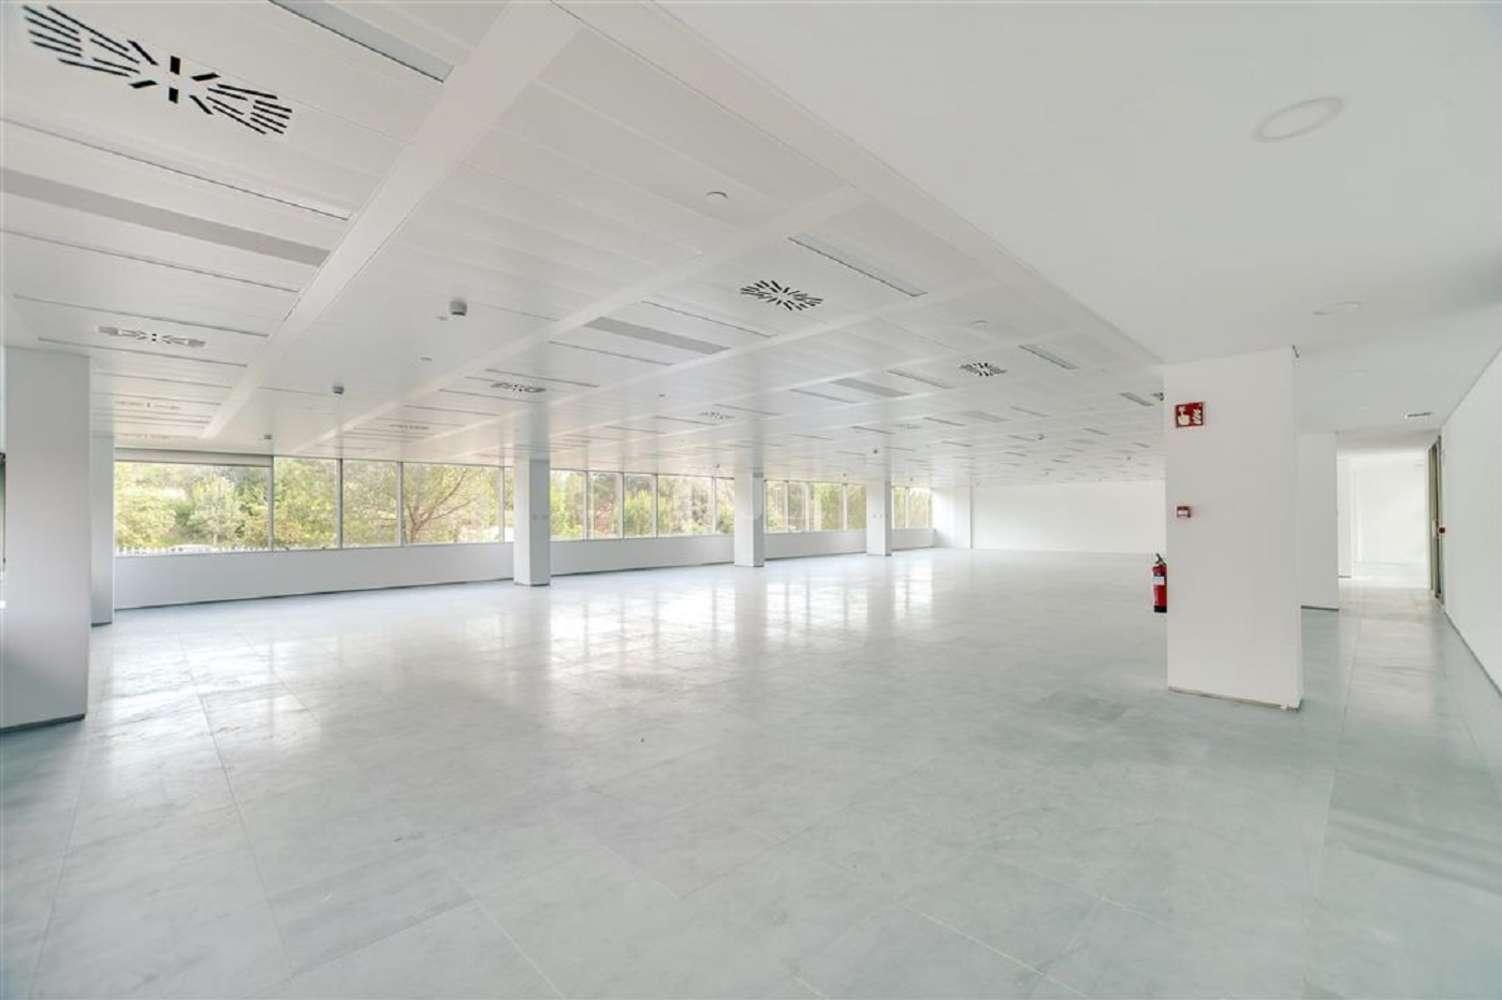 Oficina Sant cugat del vallès, 08174 - SANT CUGAT NORD - Edifici A - 18009